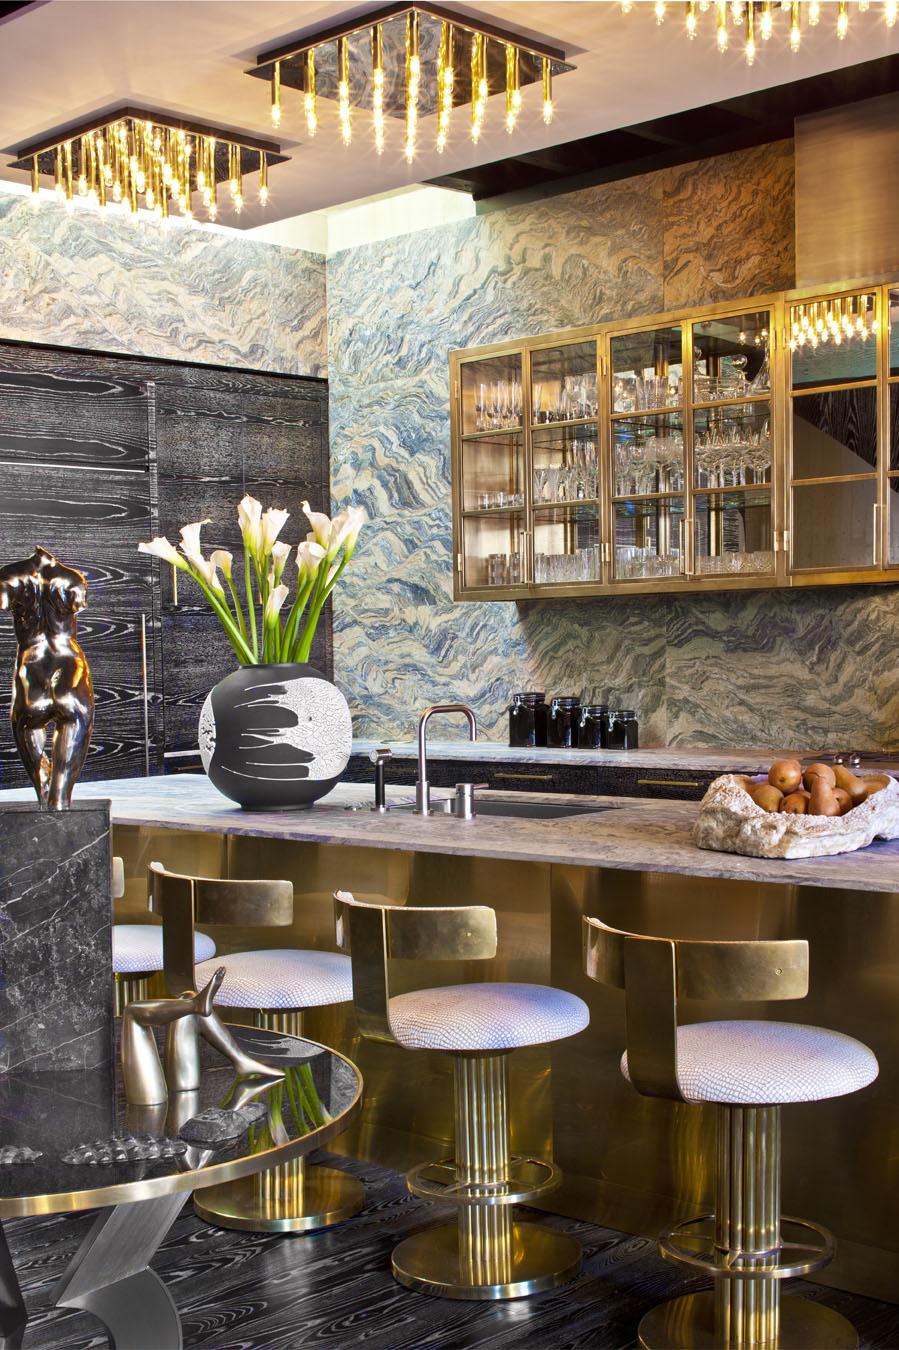 Bar area by Kelly Wearstler